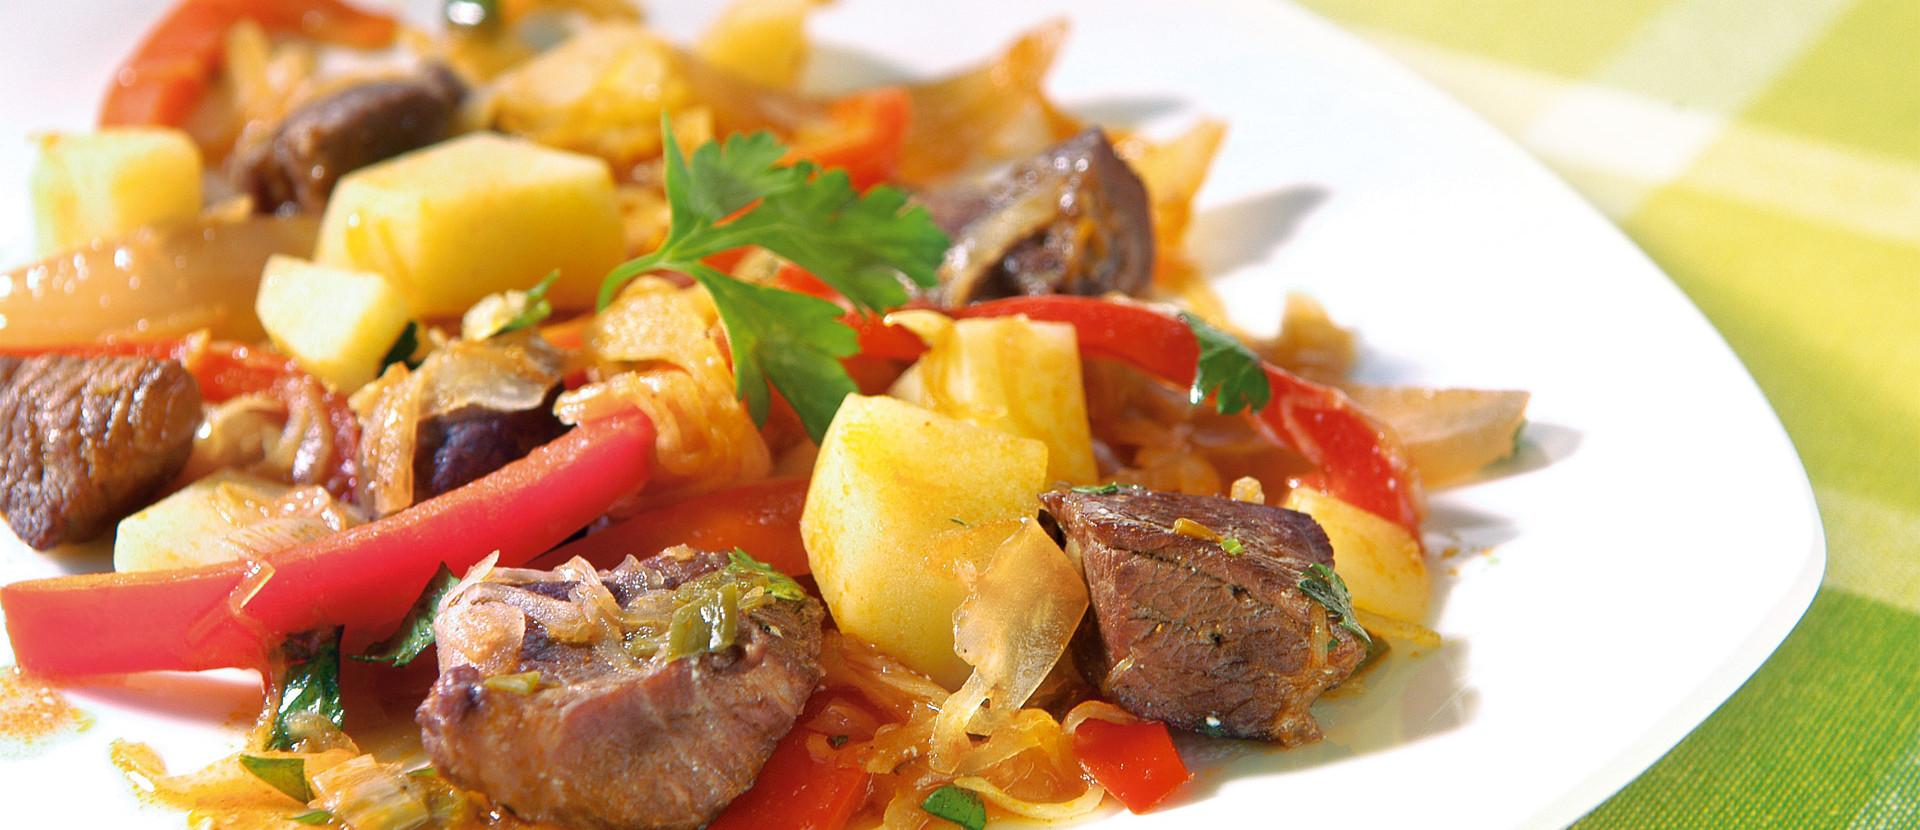 Sauerkraut Paprika Gulasch